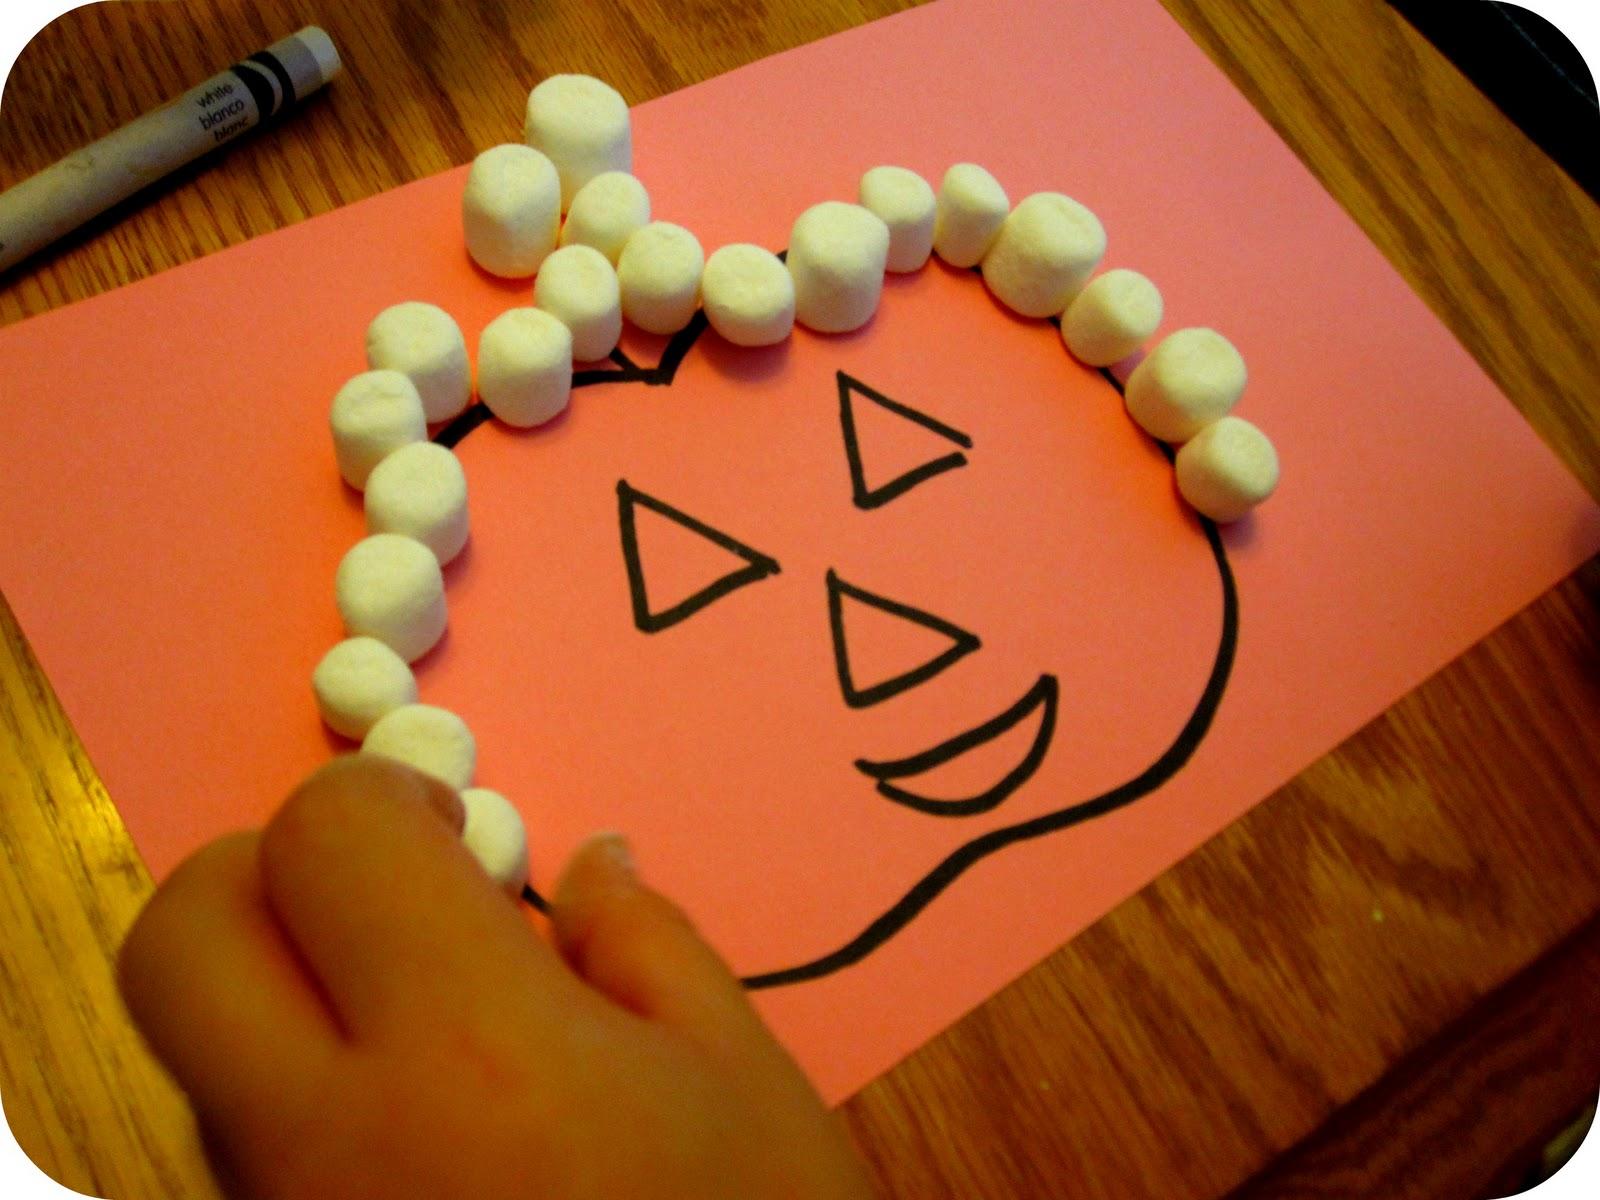 http://3.bp.blogspot.com/-3yBvhSHoONg/TpfRlVCS8_I/AAAAAAAAr7g/k6B6113wZO0/s1600/IMG_1692.jpg